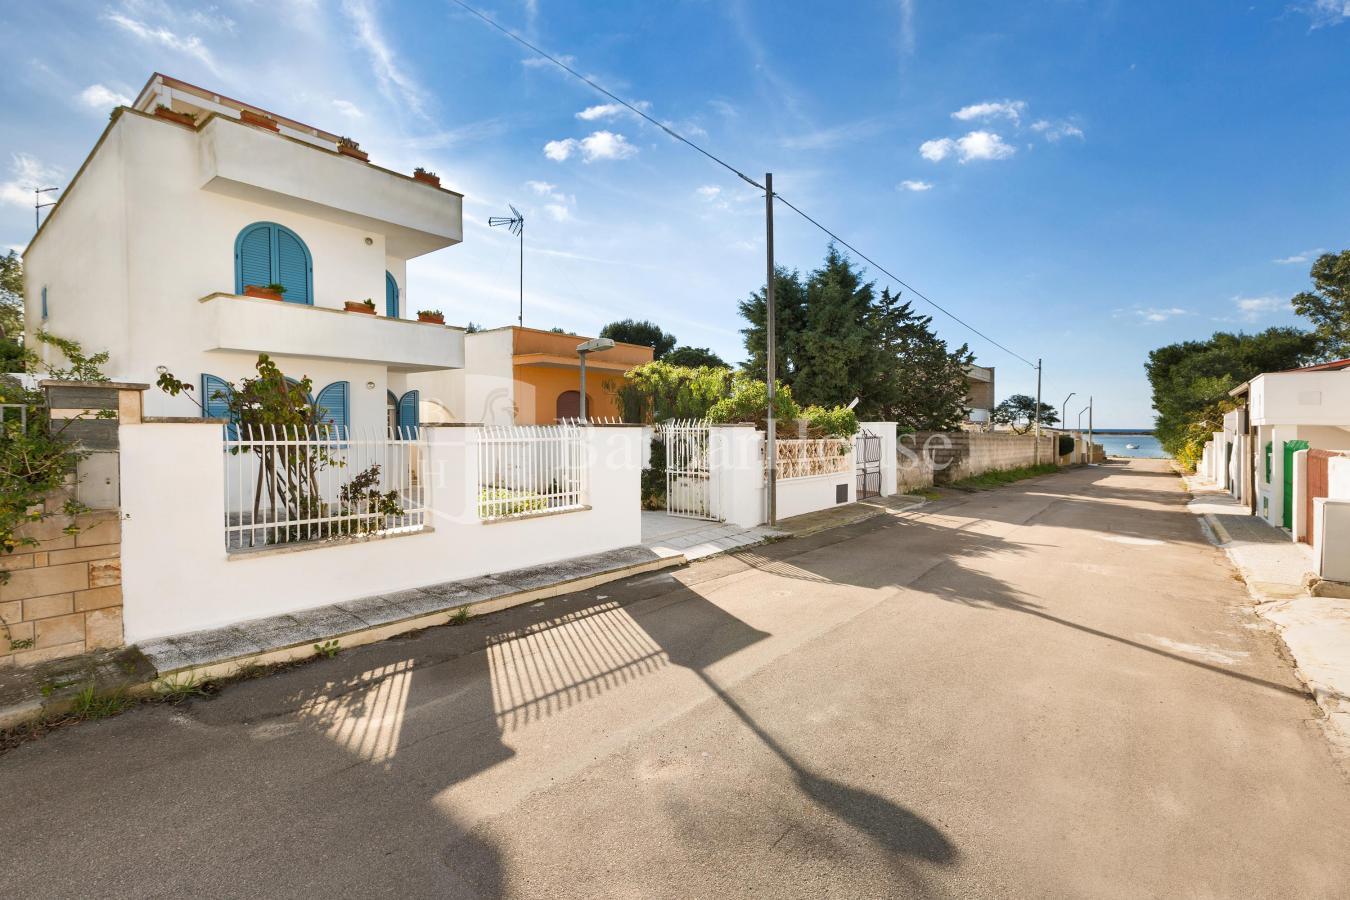 ville e villette - Porto Cesareo - Appartamento Riviera Blu